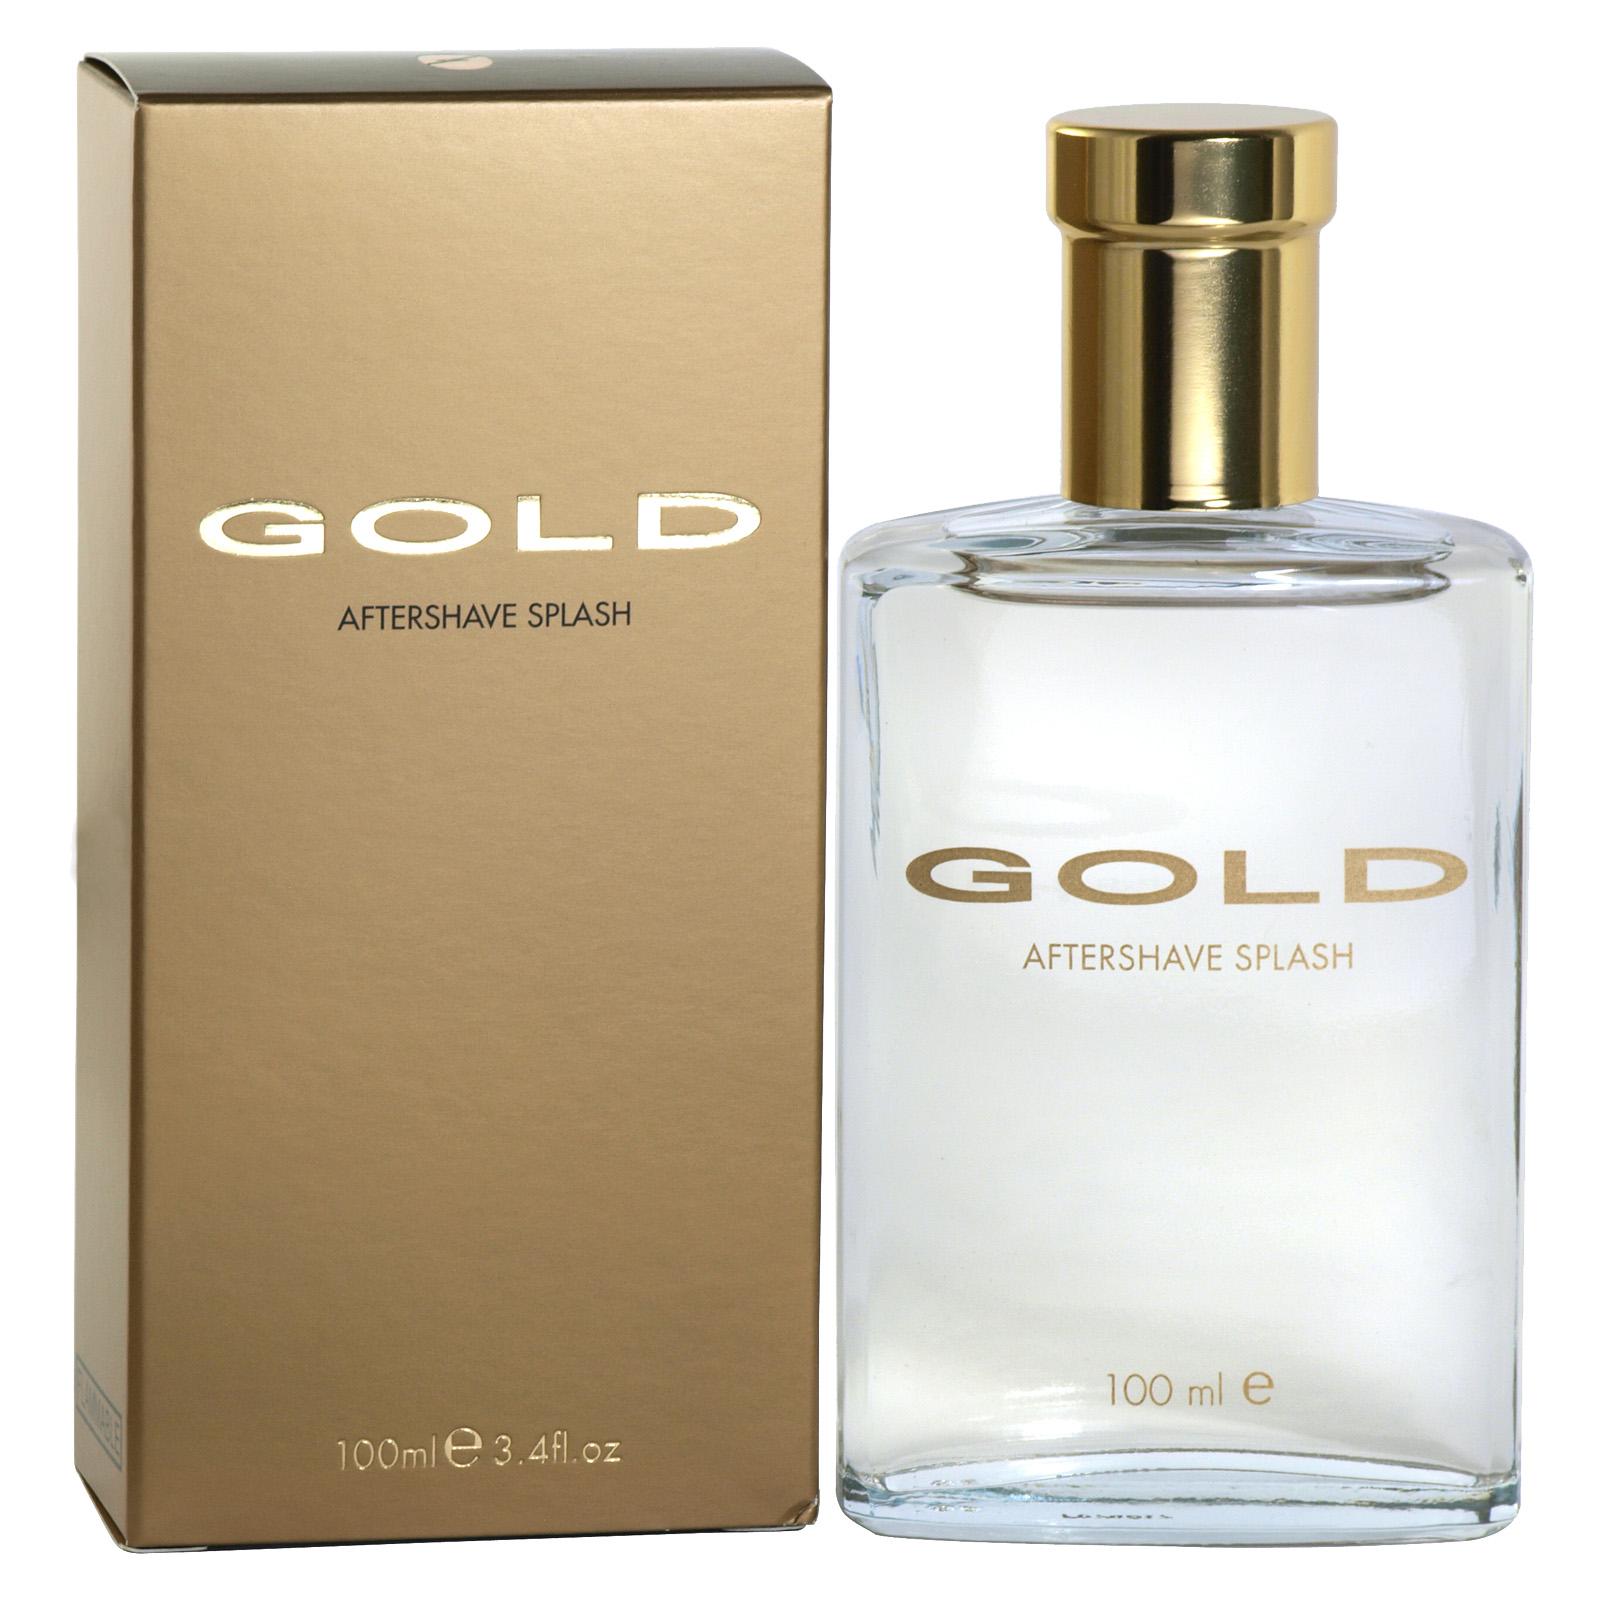 GOLD AFTERSHAVE SPLASH 100ML